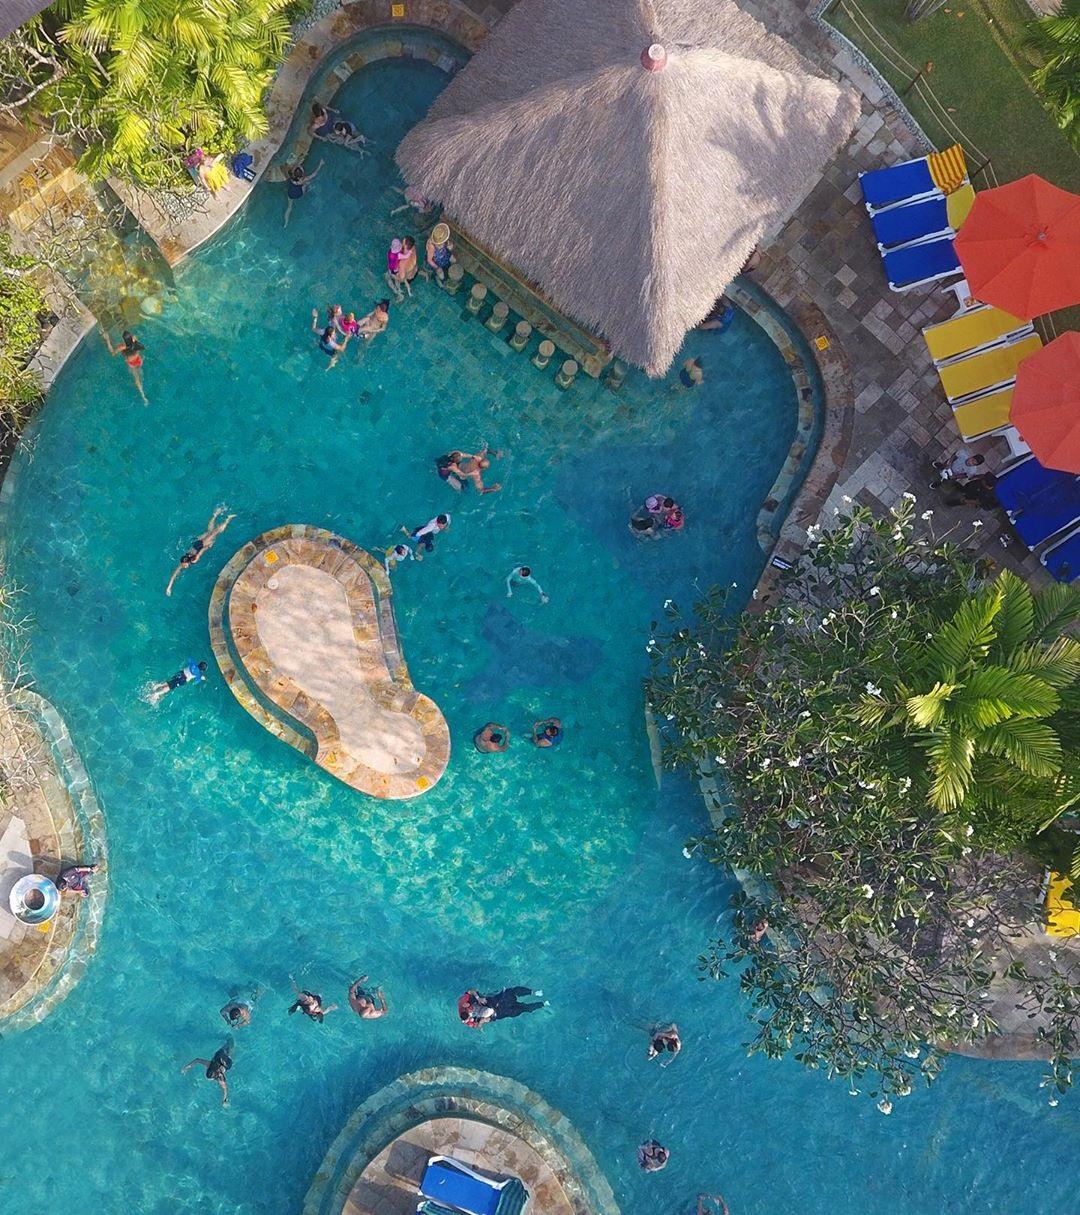 Harga Tiket Masuk Waterboom Bali Februari 2020